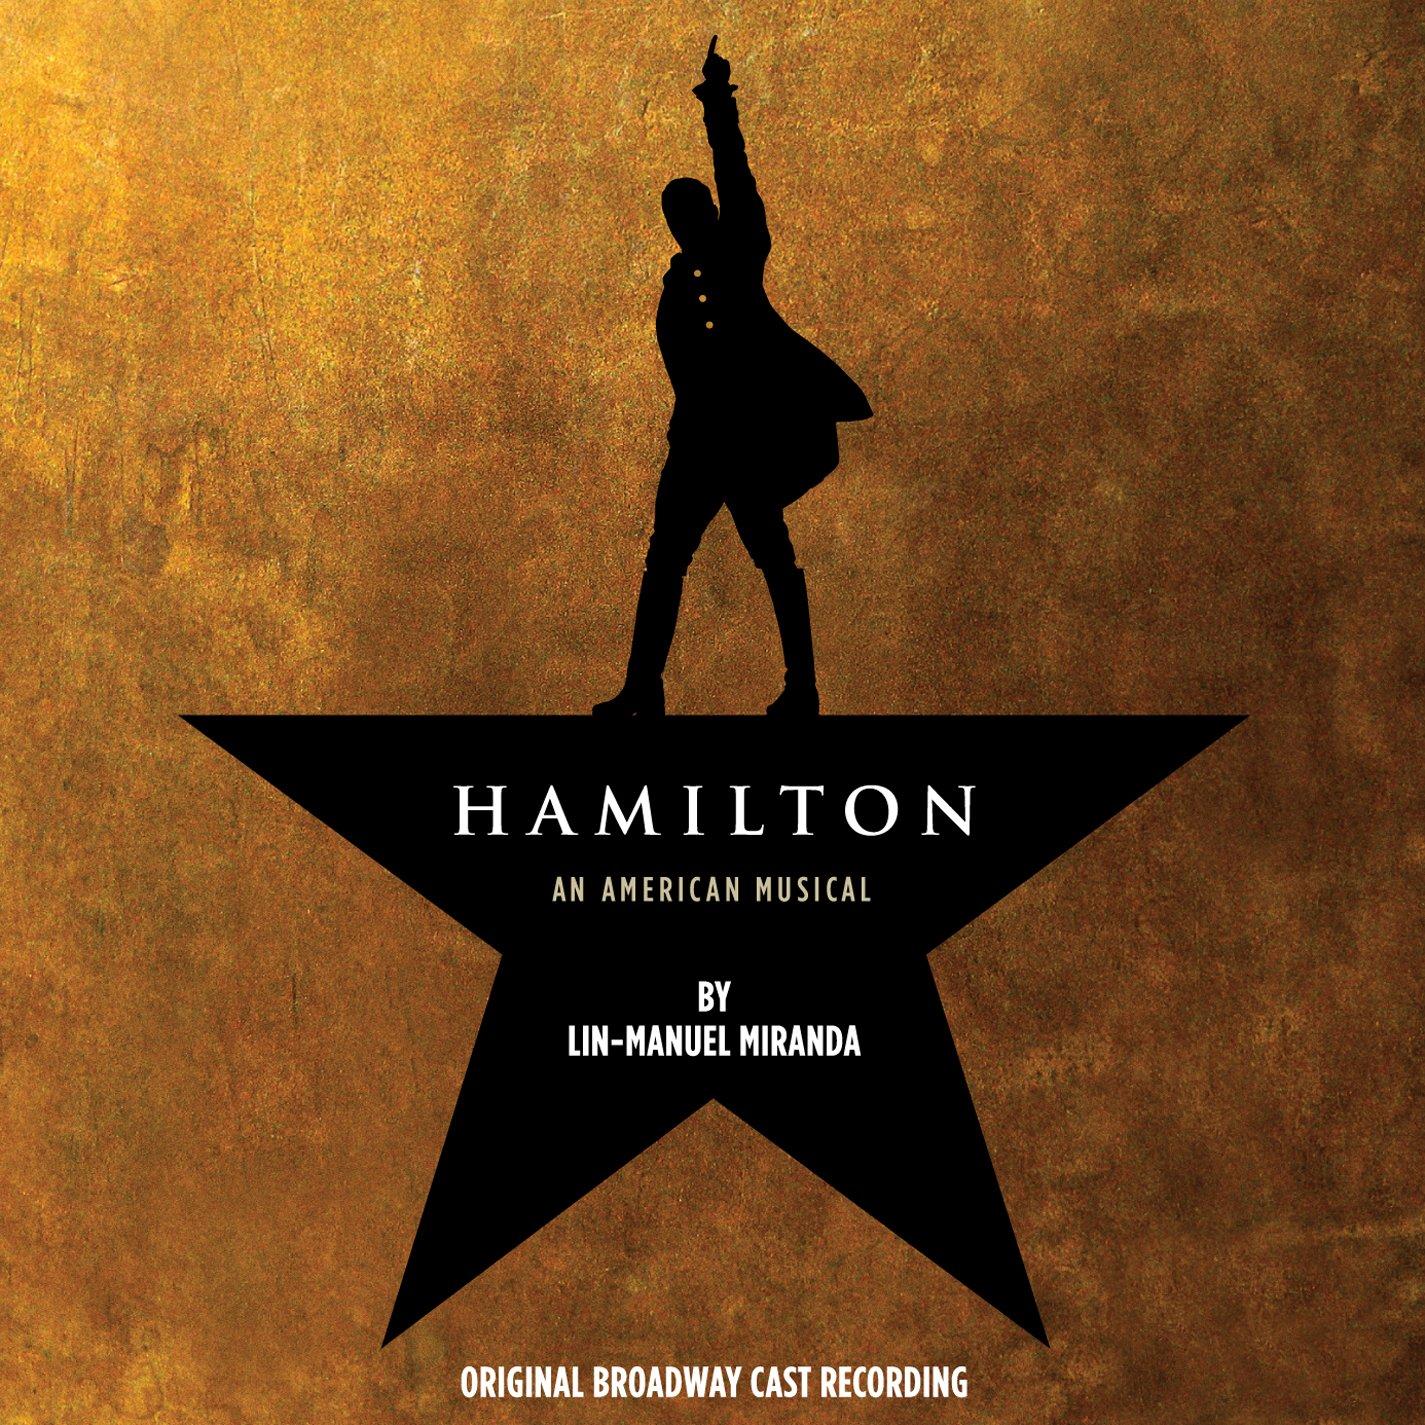 Hamilton (Original Broadway Cast Recording)(Explicit)(4LP Vinyl w/Digital Download) by VINYL